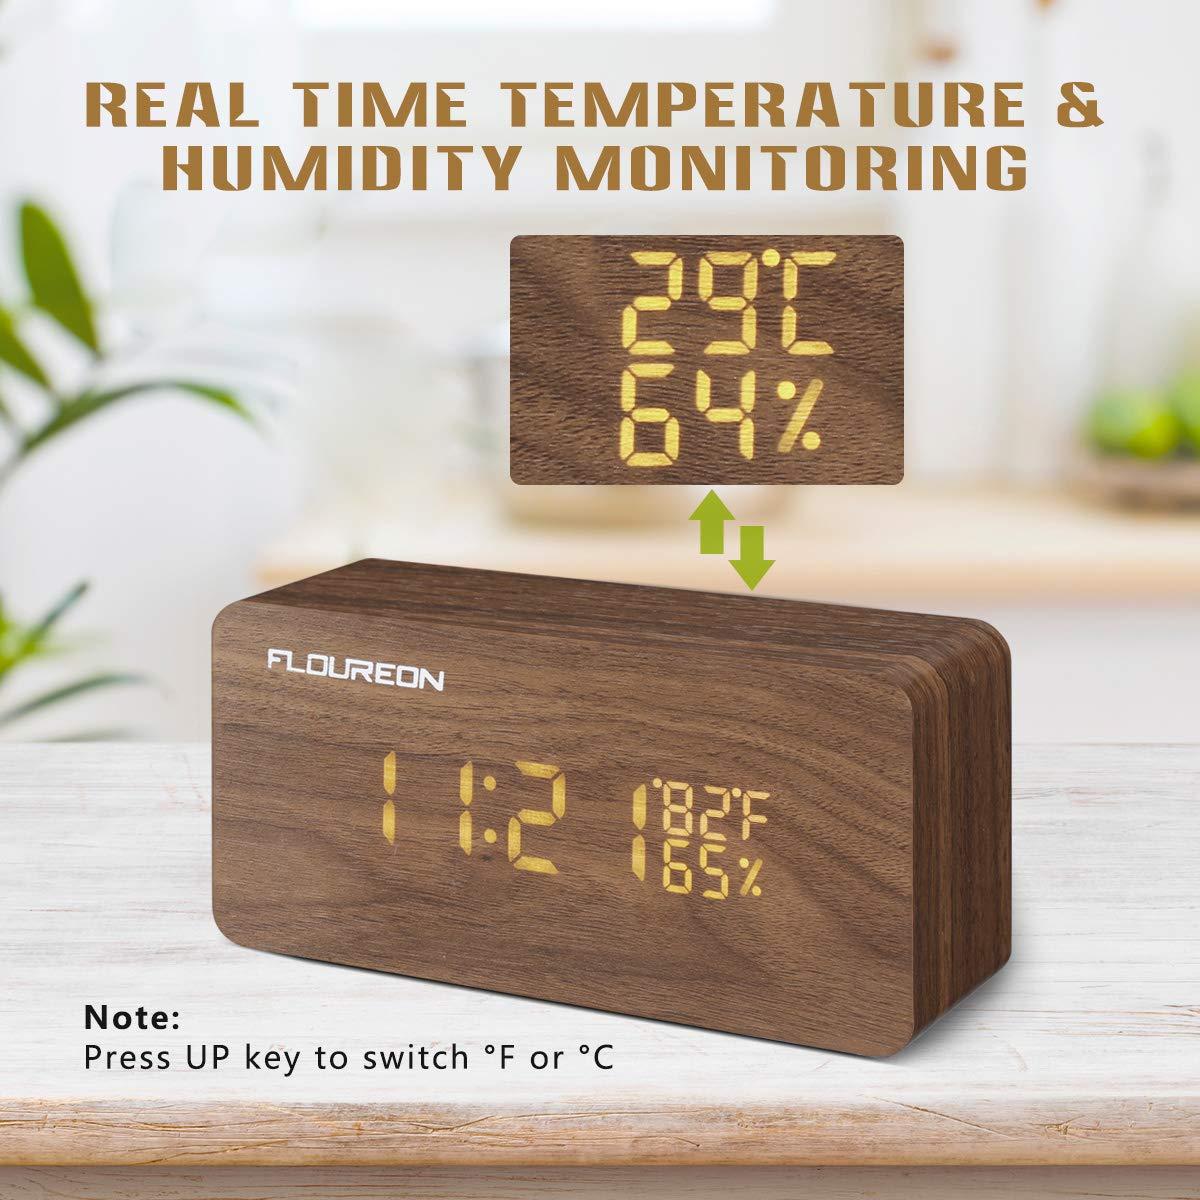 FLOUREON Digitale Wecker, Funk Wecker, LED Display Holzuhr mit 2 Stromversorgungsmodi, 3 Helligkeit, Datum Uhrzeit, Temperatur und Luftfeuchtigkeit (Bambus)